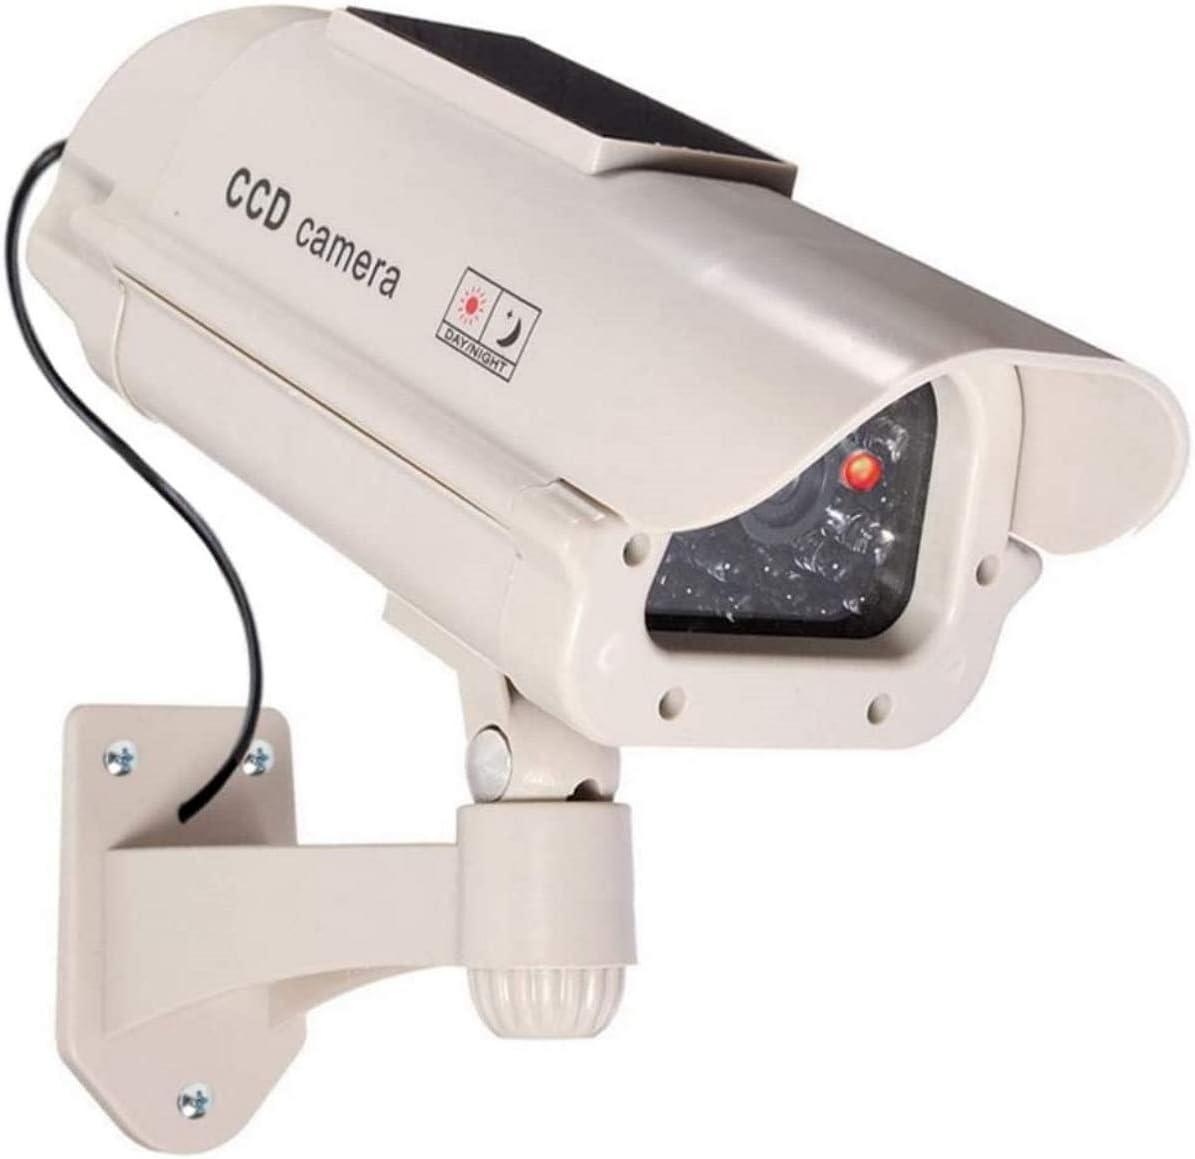 1 cámara falsa grande solar con objetivo con luz intermitente para interior y exterior, impermeable, de alta calidad.